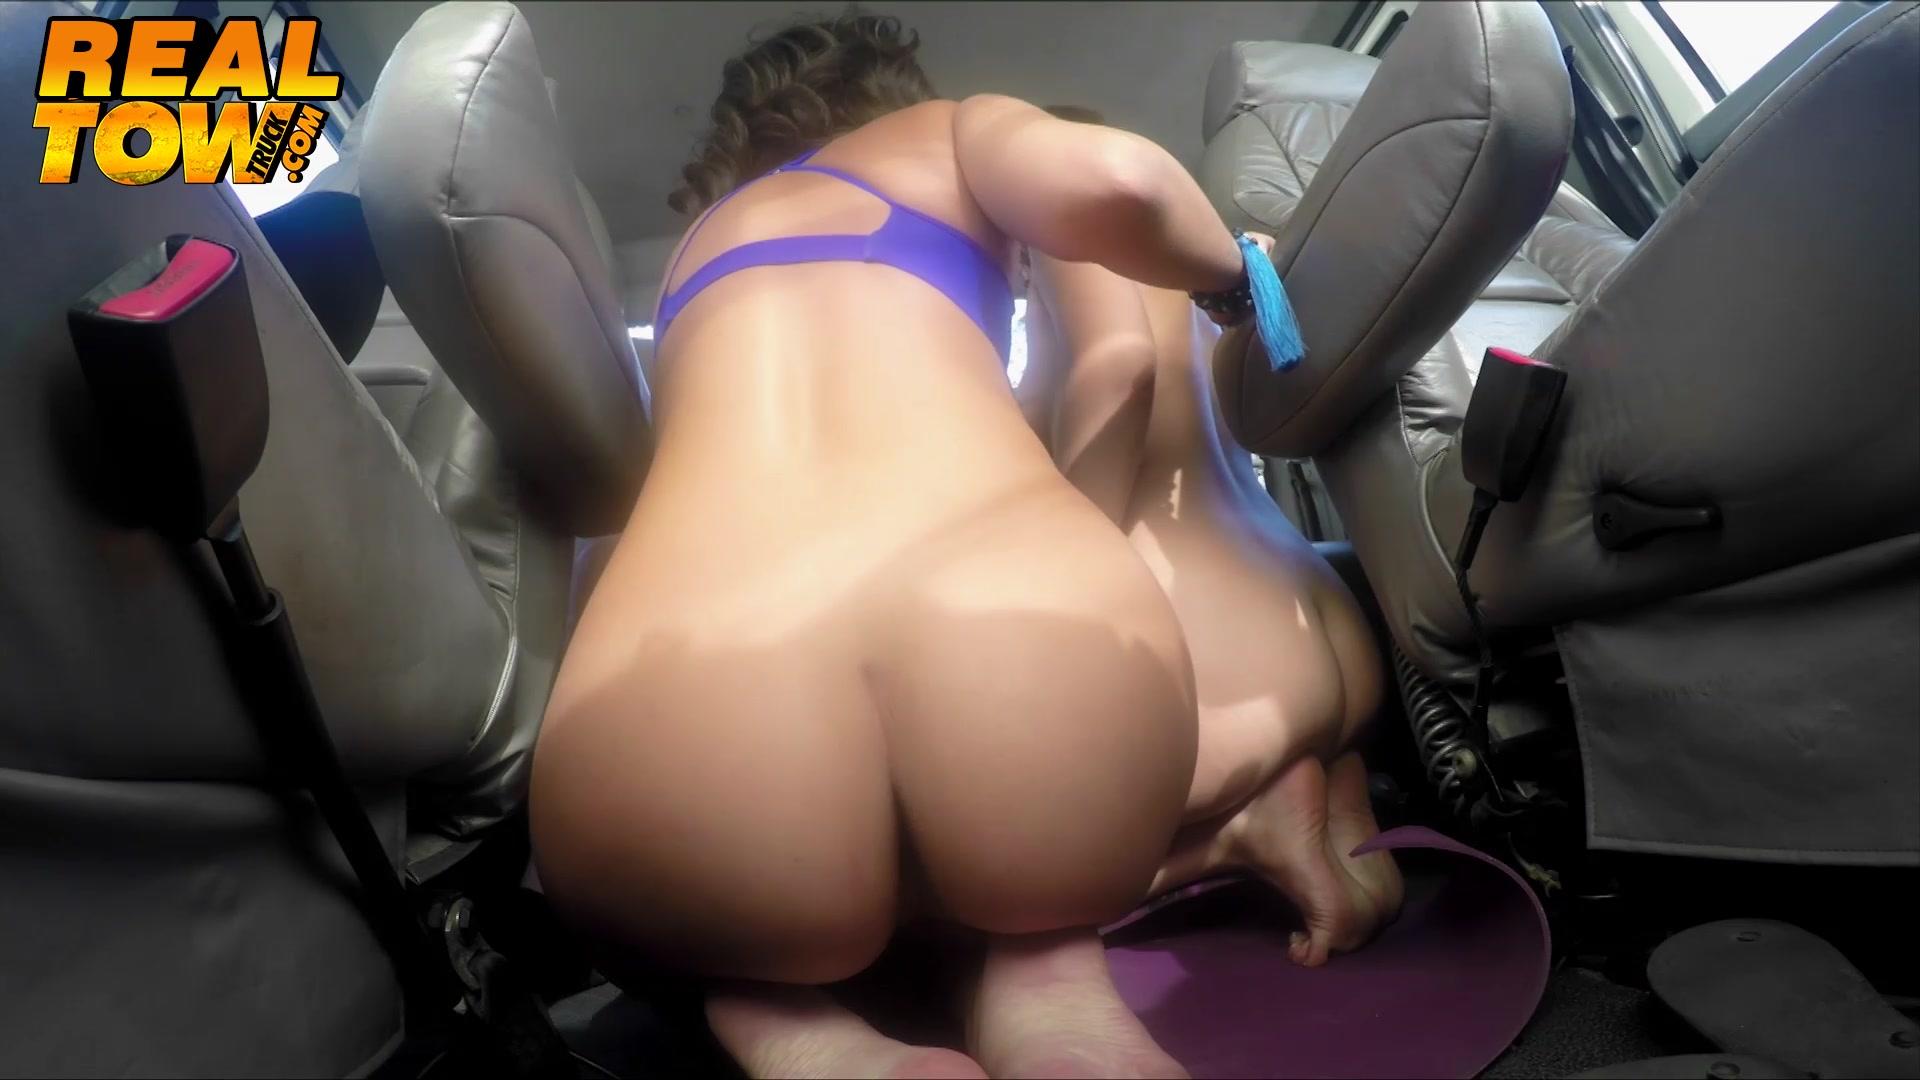 amateur milf lingerie videos New porn